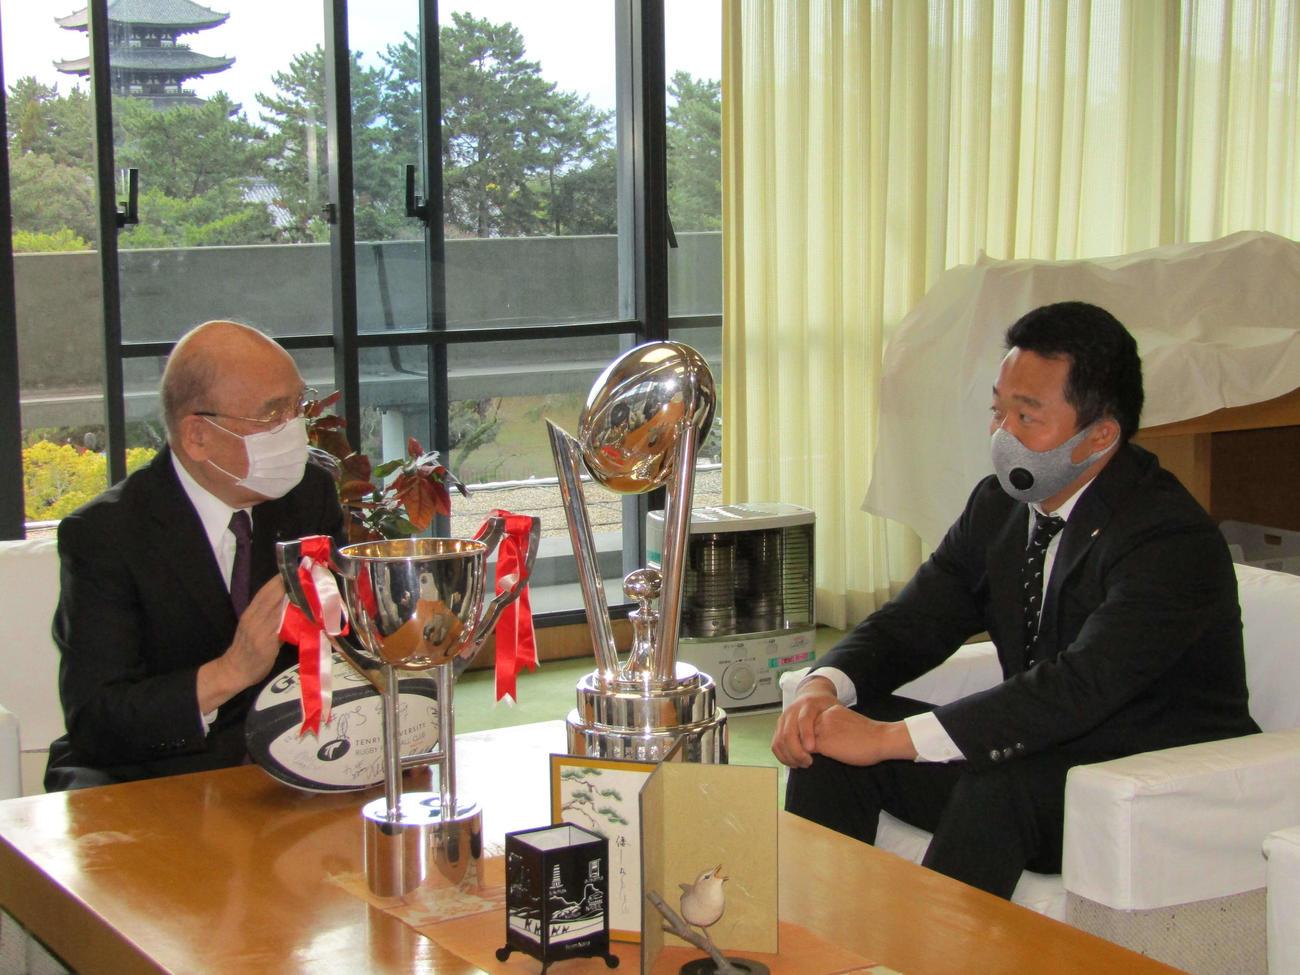 県庁を訪問し、荒井奈良県知事(左)と言葉を交わす松岡